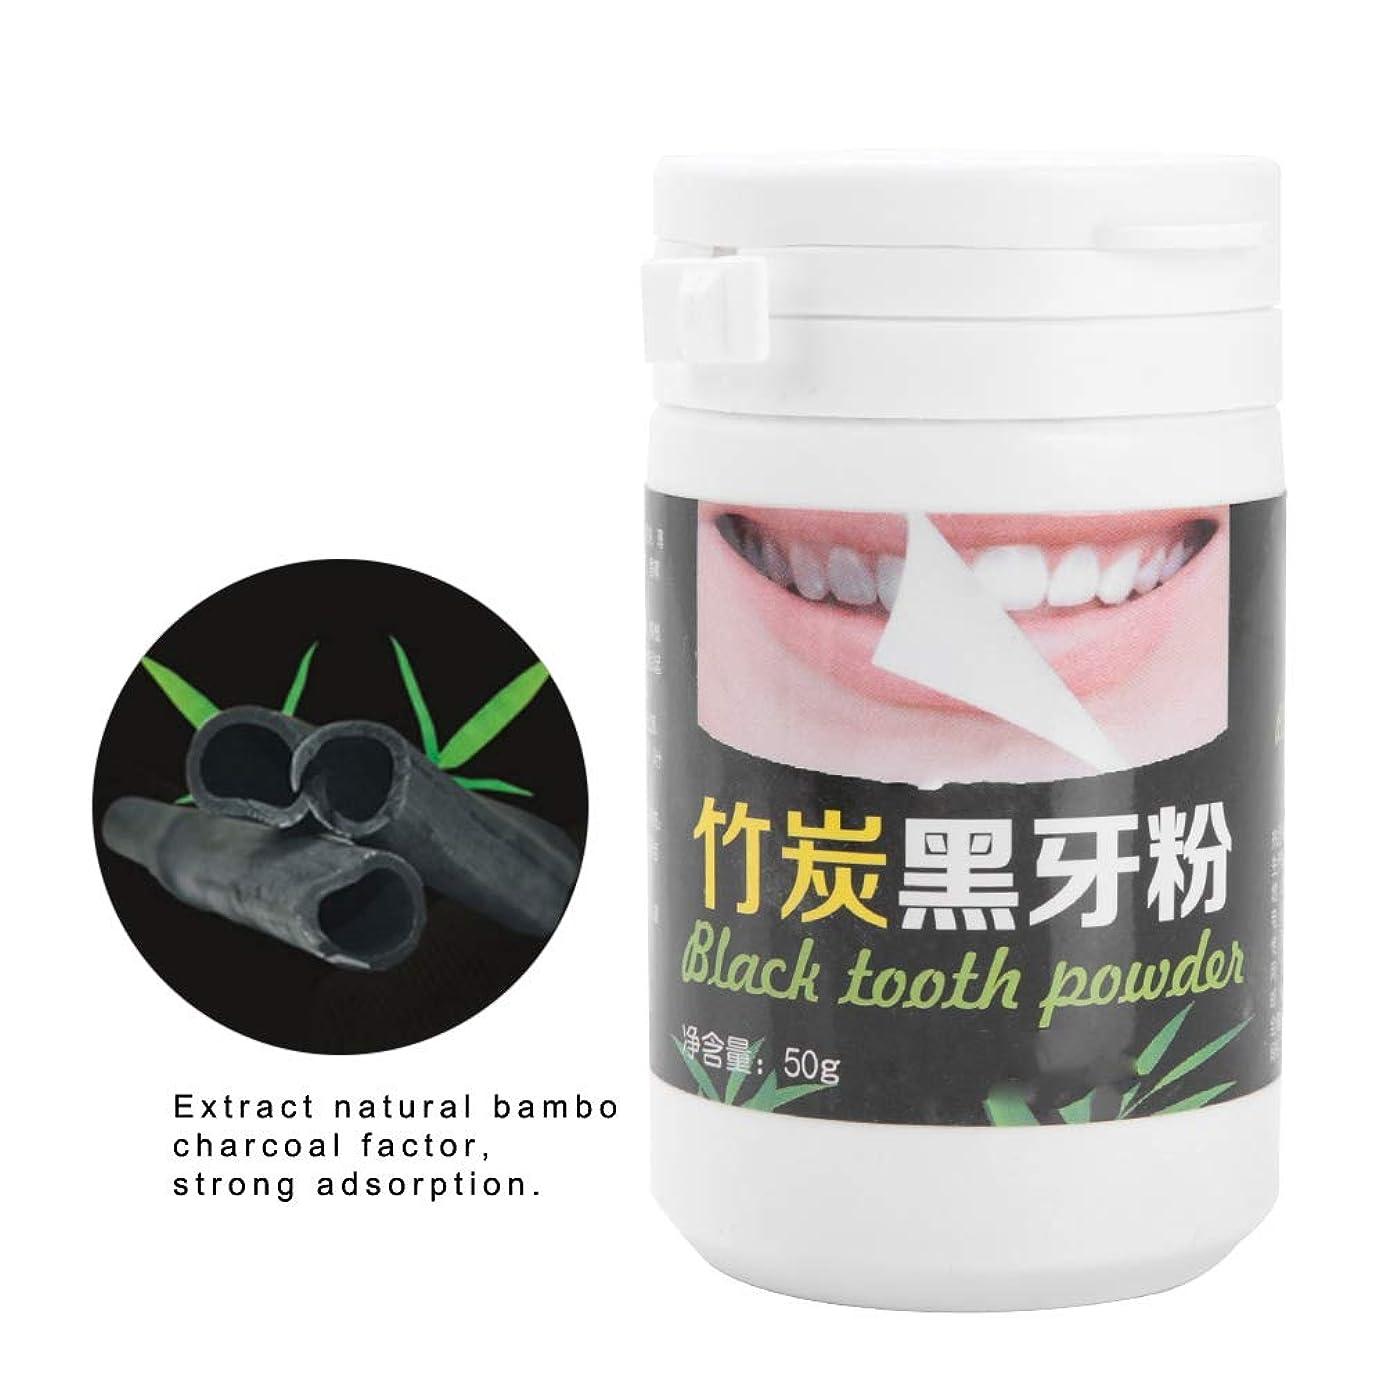 プラス説明的カプラー歯の手入れをする有効な汚れの除去剤 - 汚れの除去剤の粉を白くする口腔歯の心配の自然な活動化させた木炭粉